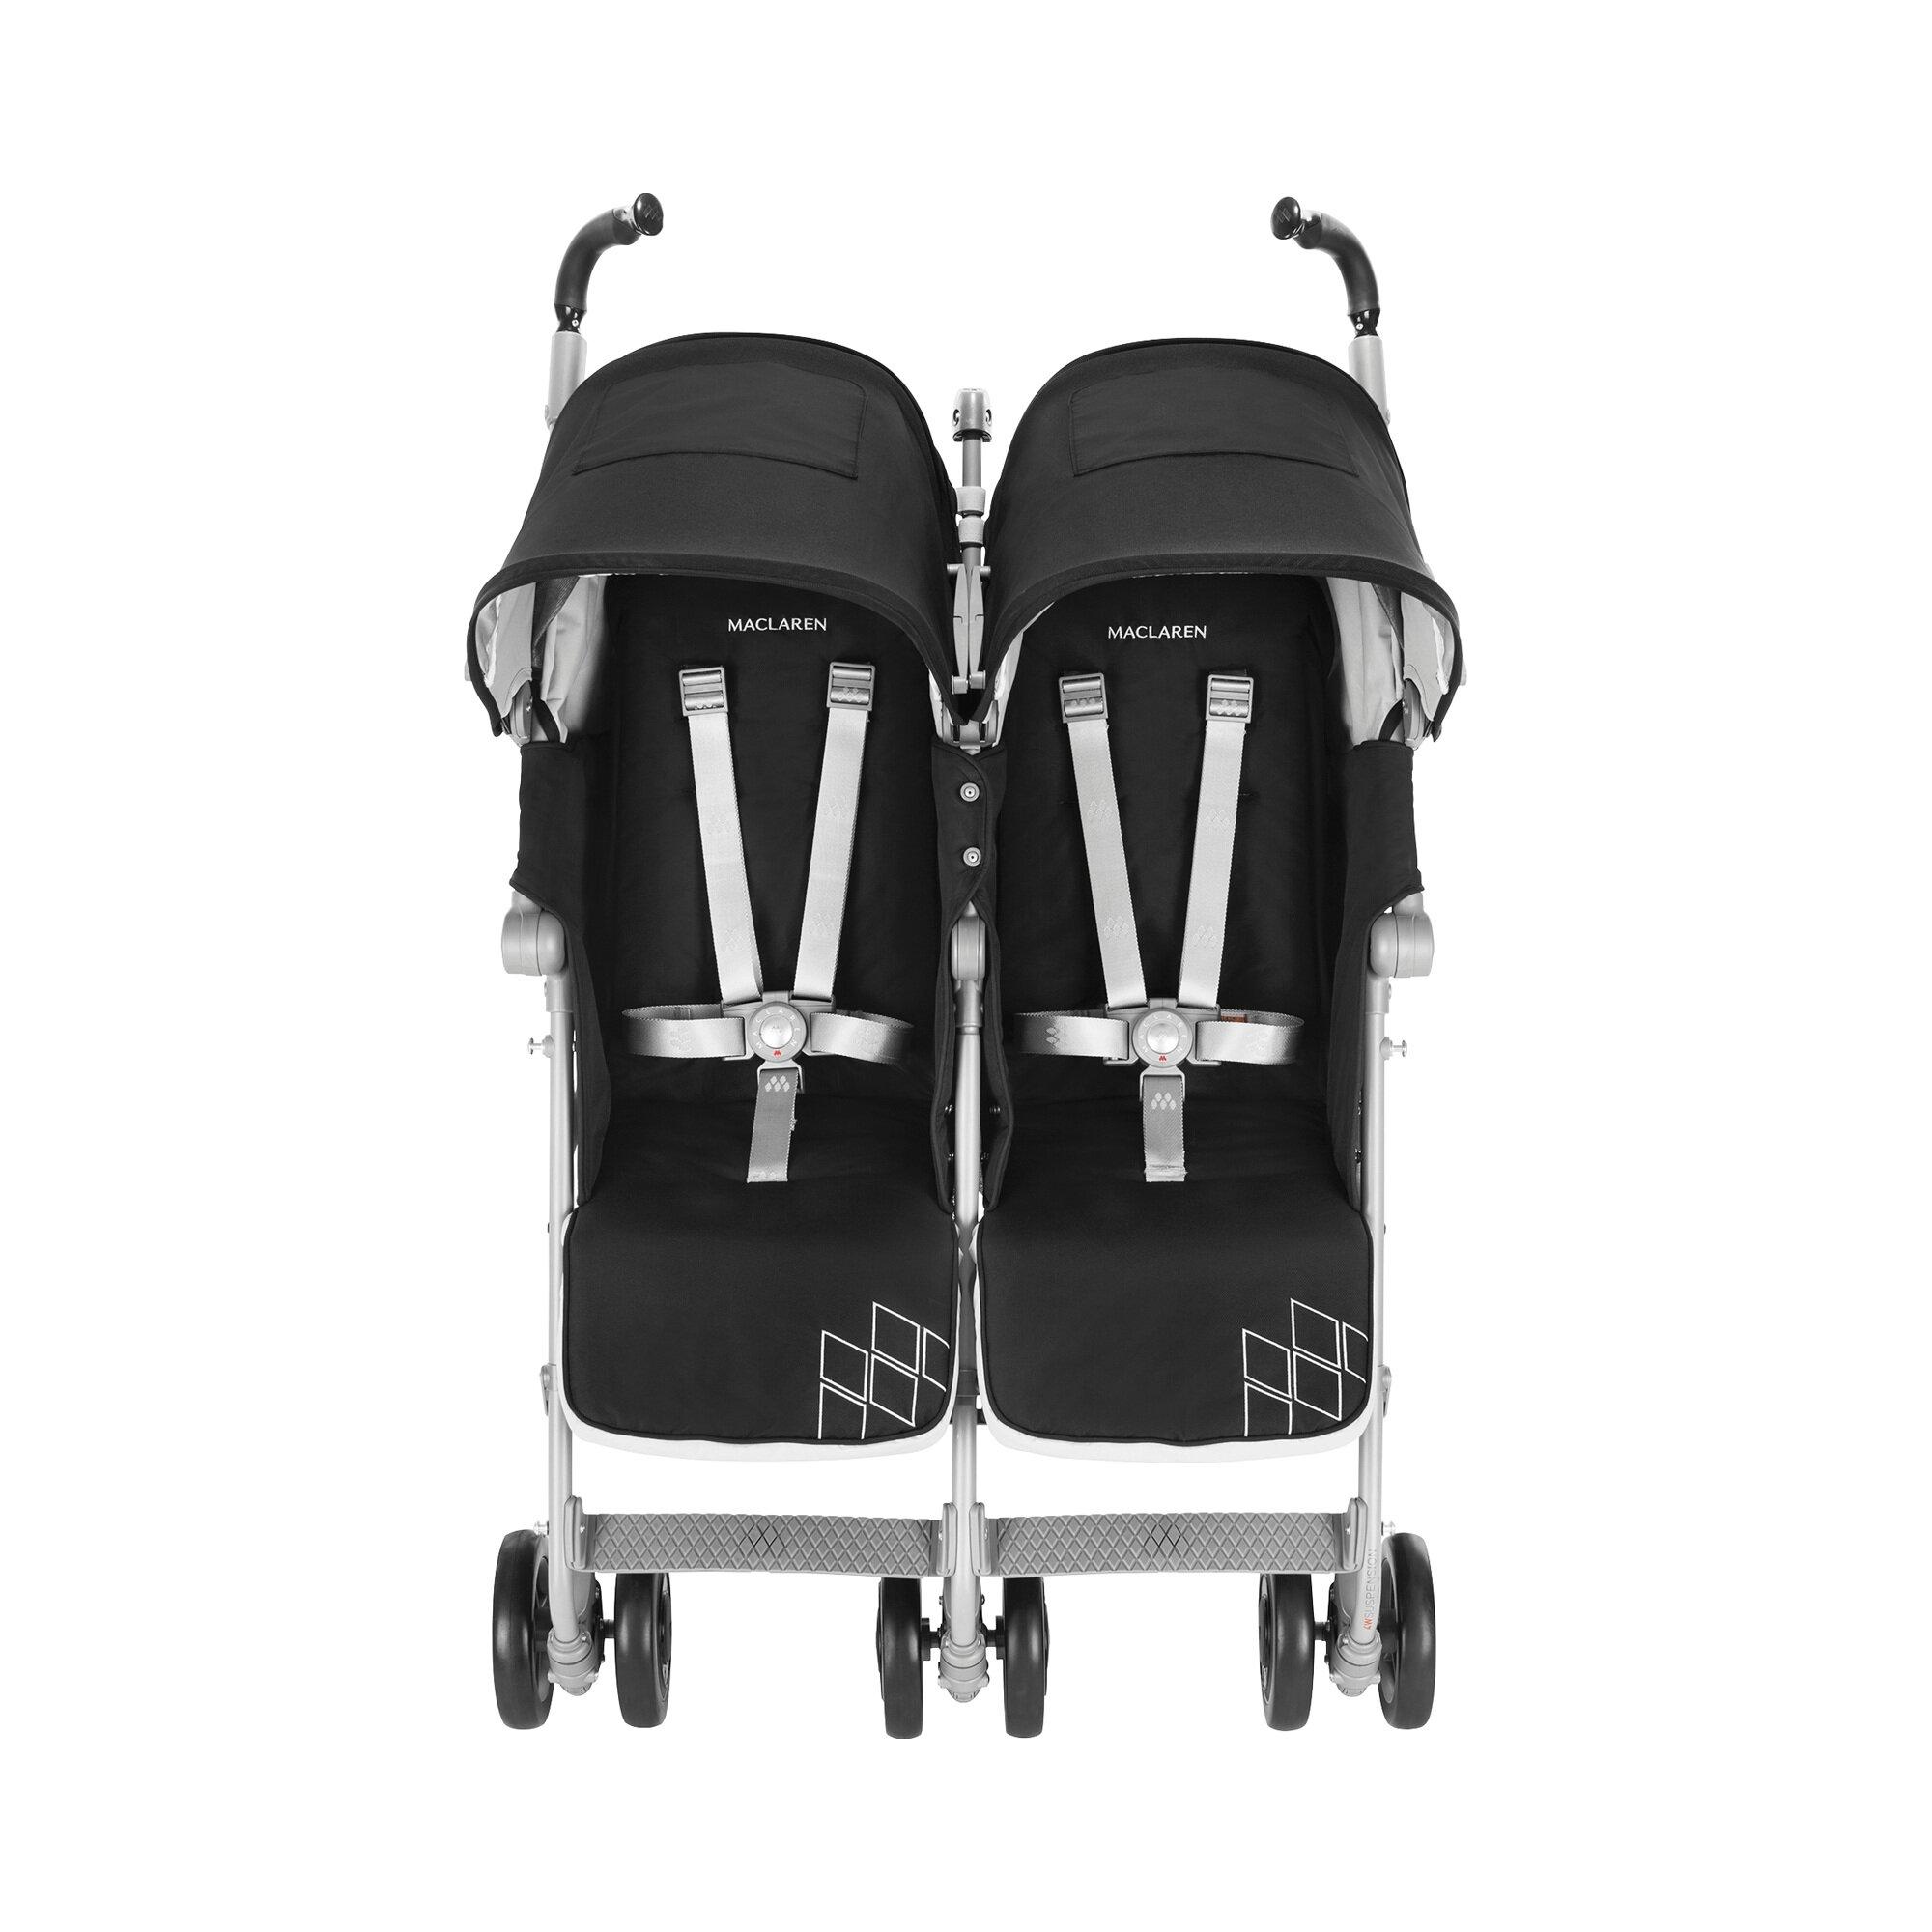 maclaren-twin-techno-kinderwagen-zwillingswagen-design-2016-schwarz